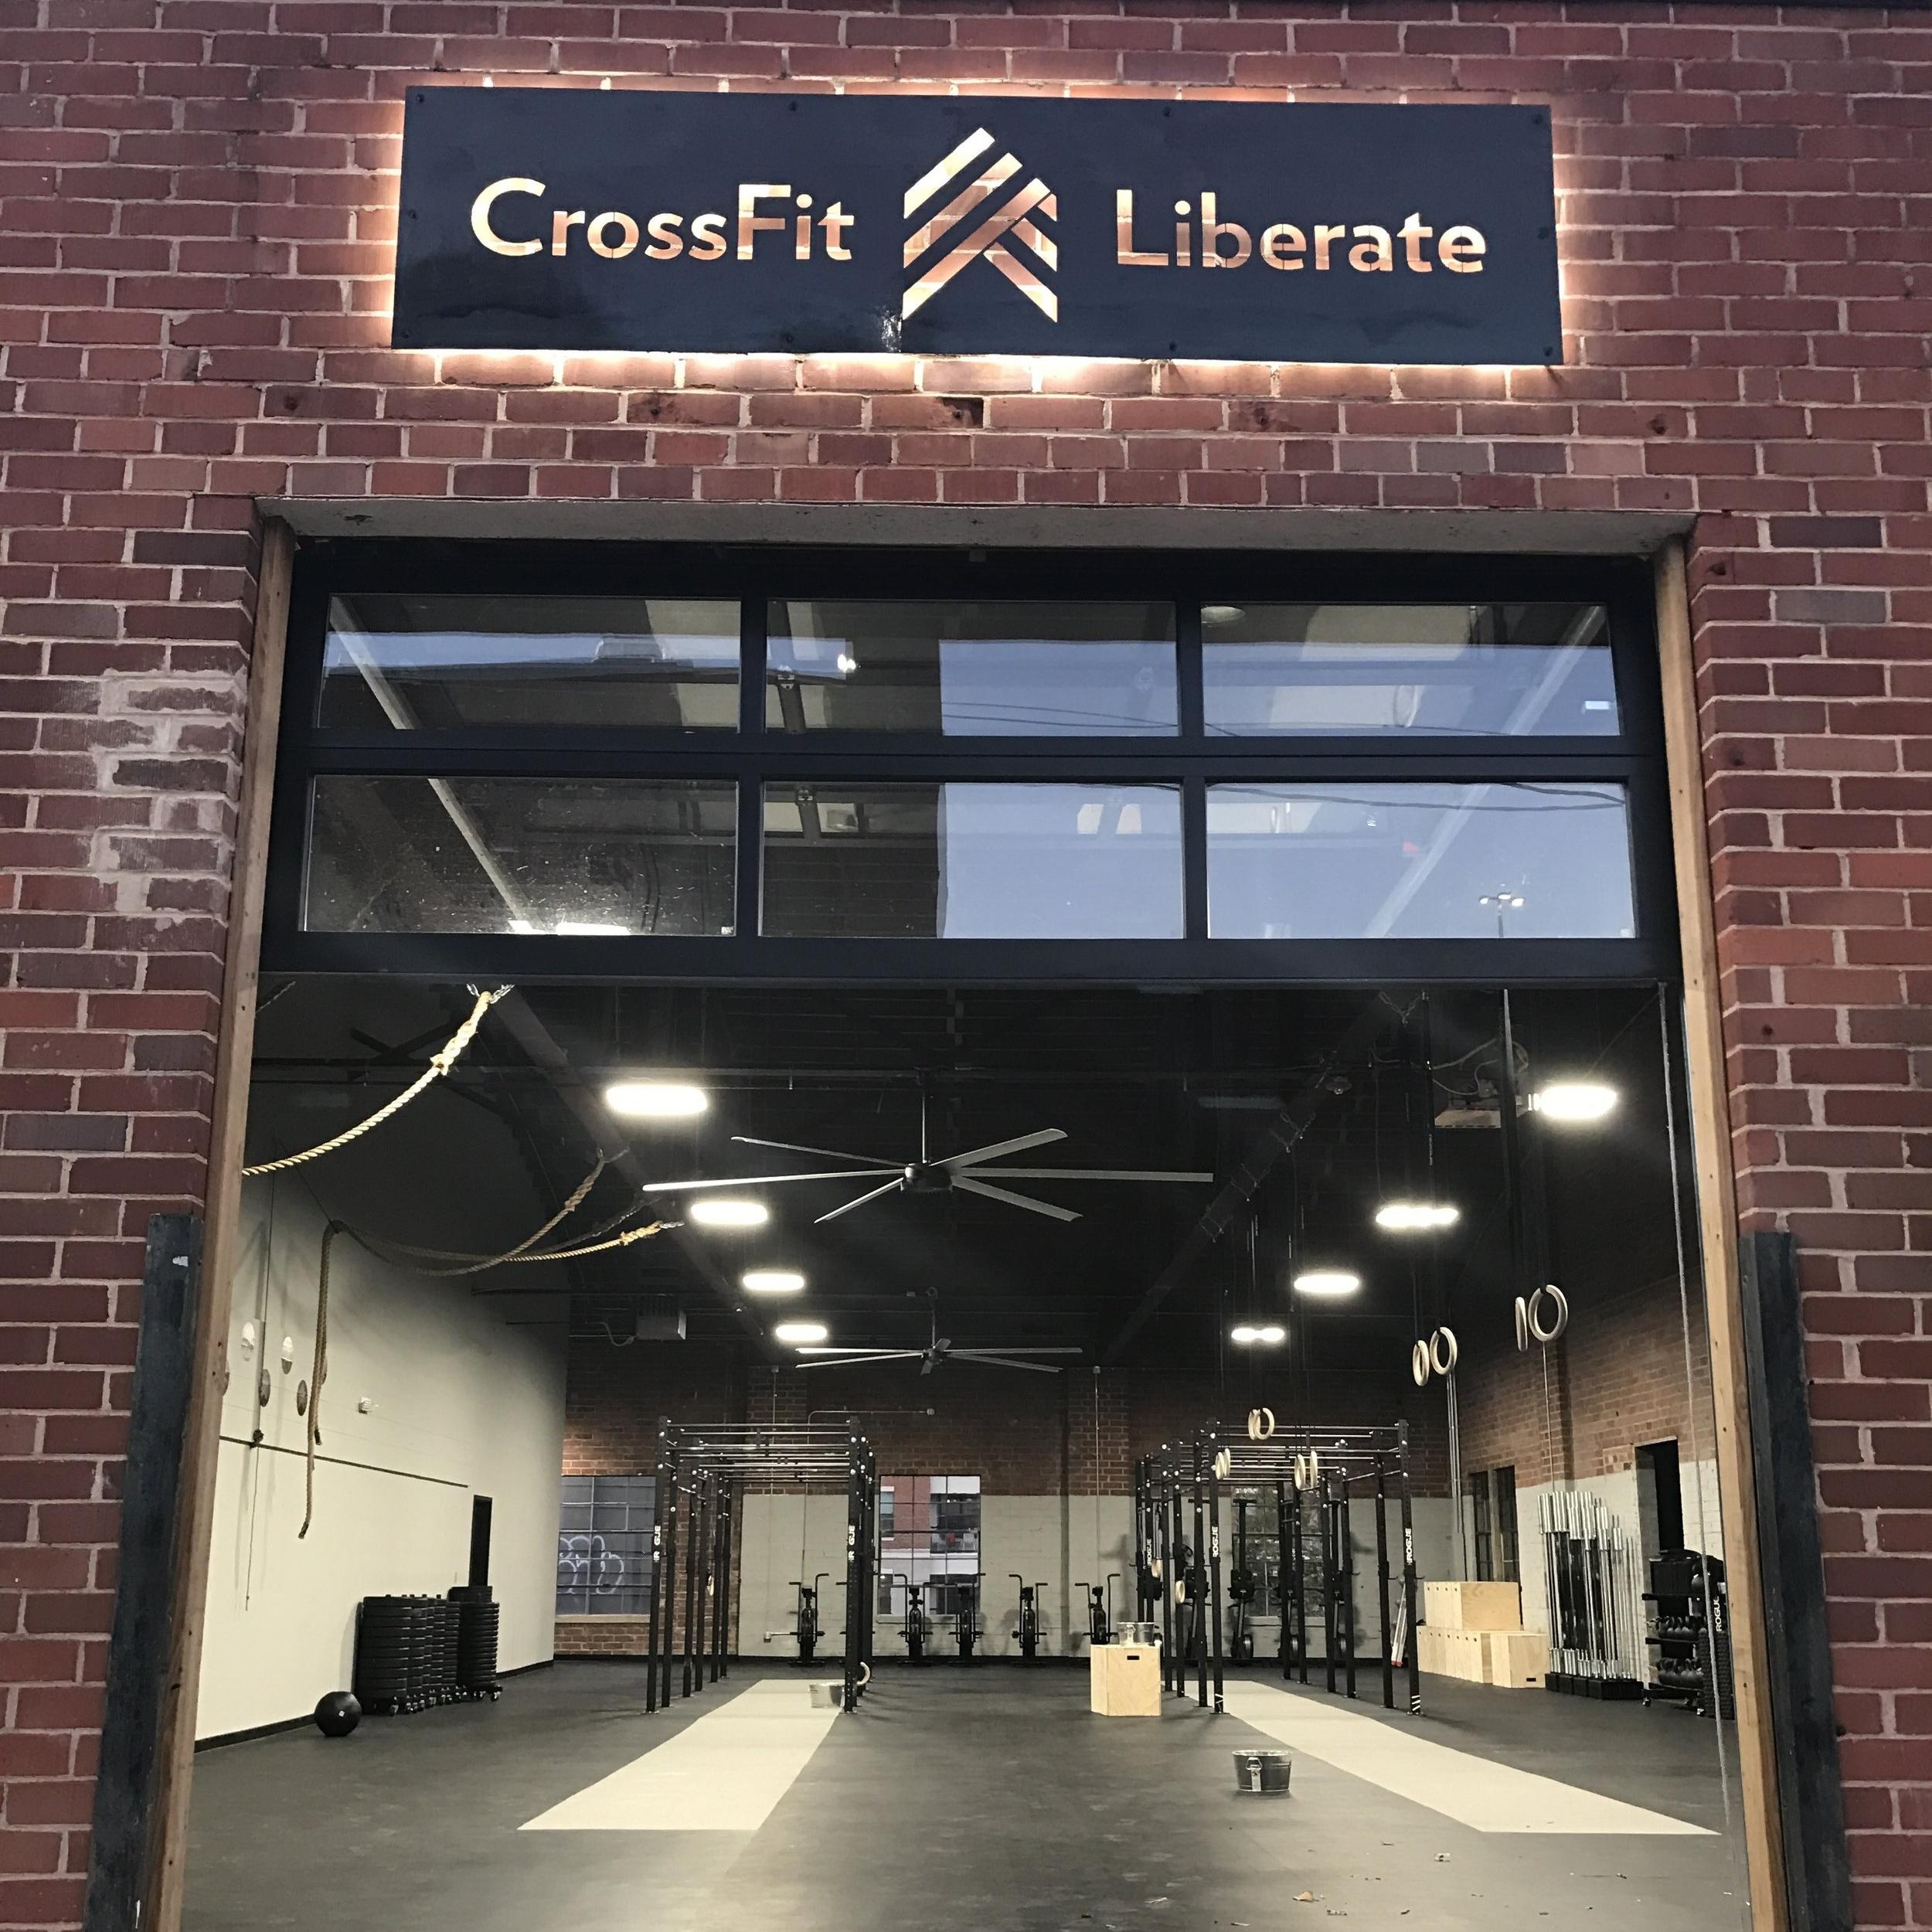 Crossfit Liberate - Athens Ga